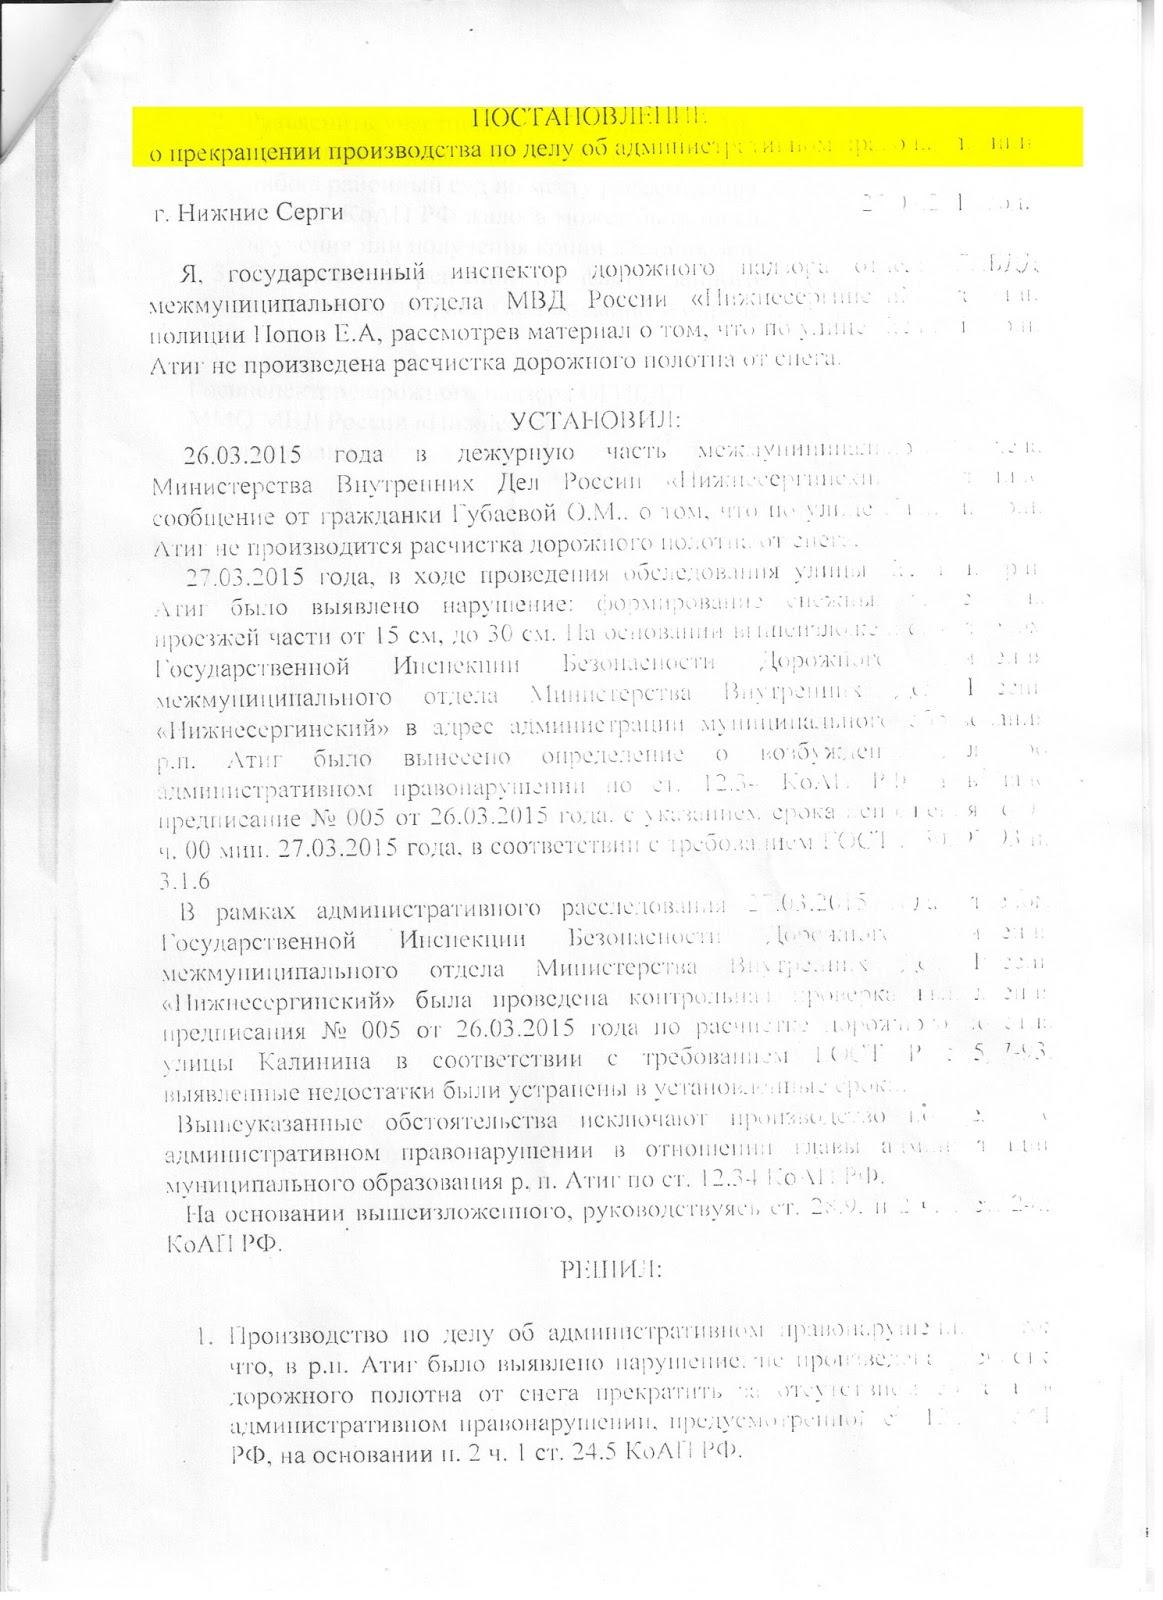 большой словарь иностранных слов издательство иддк 2007